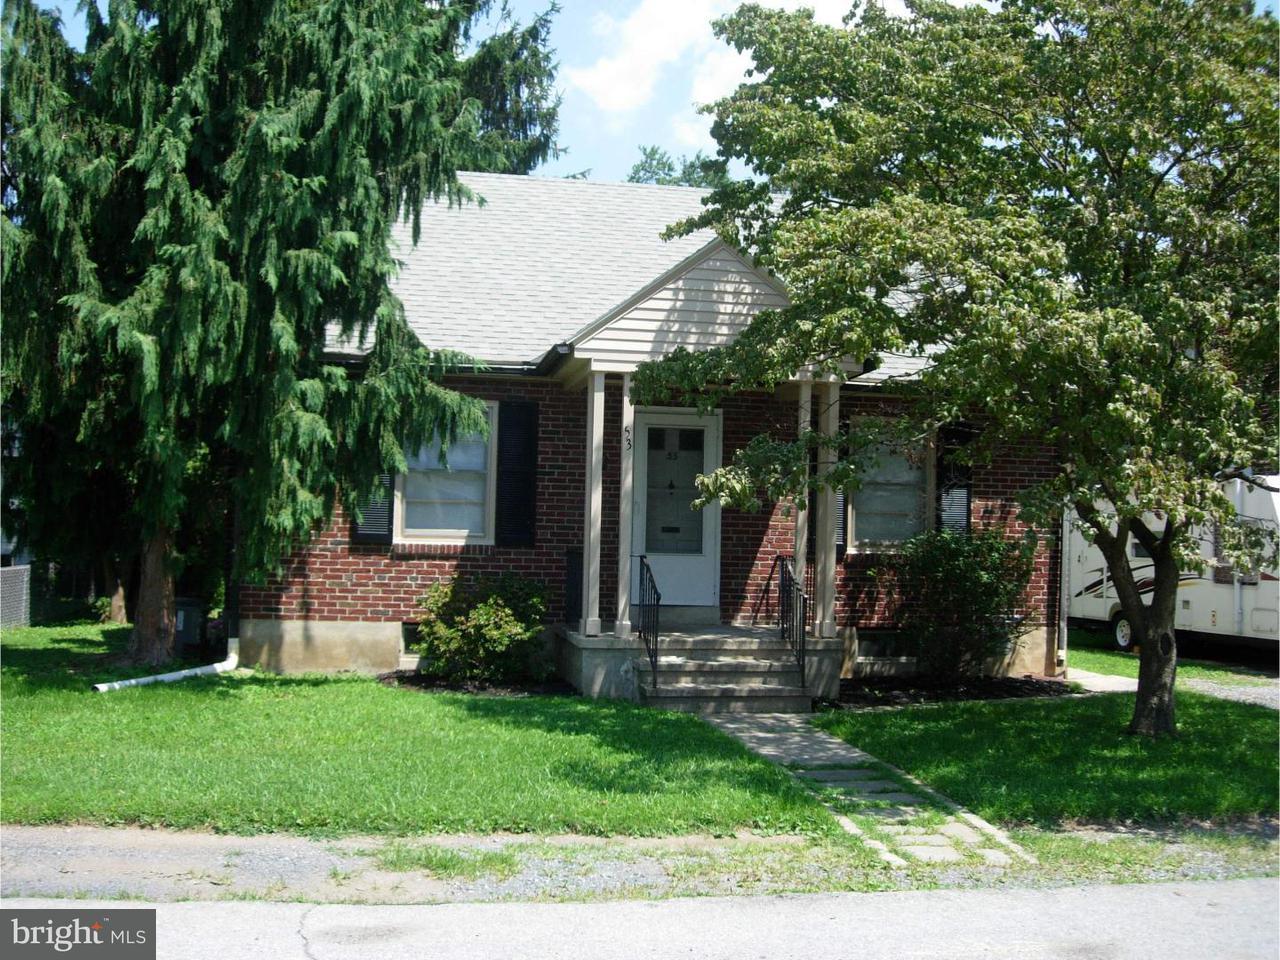 Частный односемейный дом для того Продажа на 53 WILSON Street West Lawn, Пенсильвания 19609 Соединенные Штаты